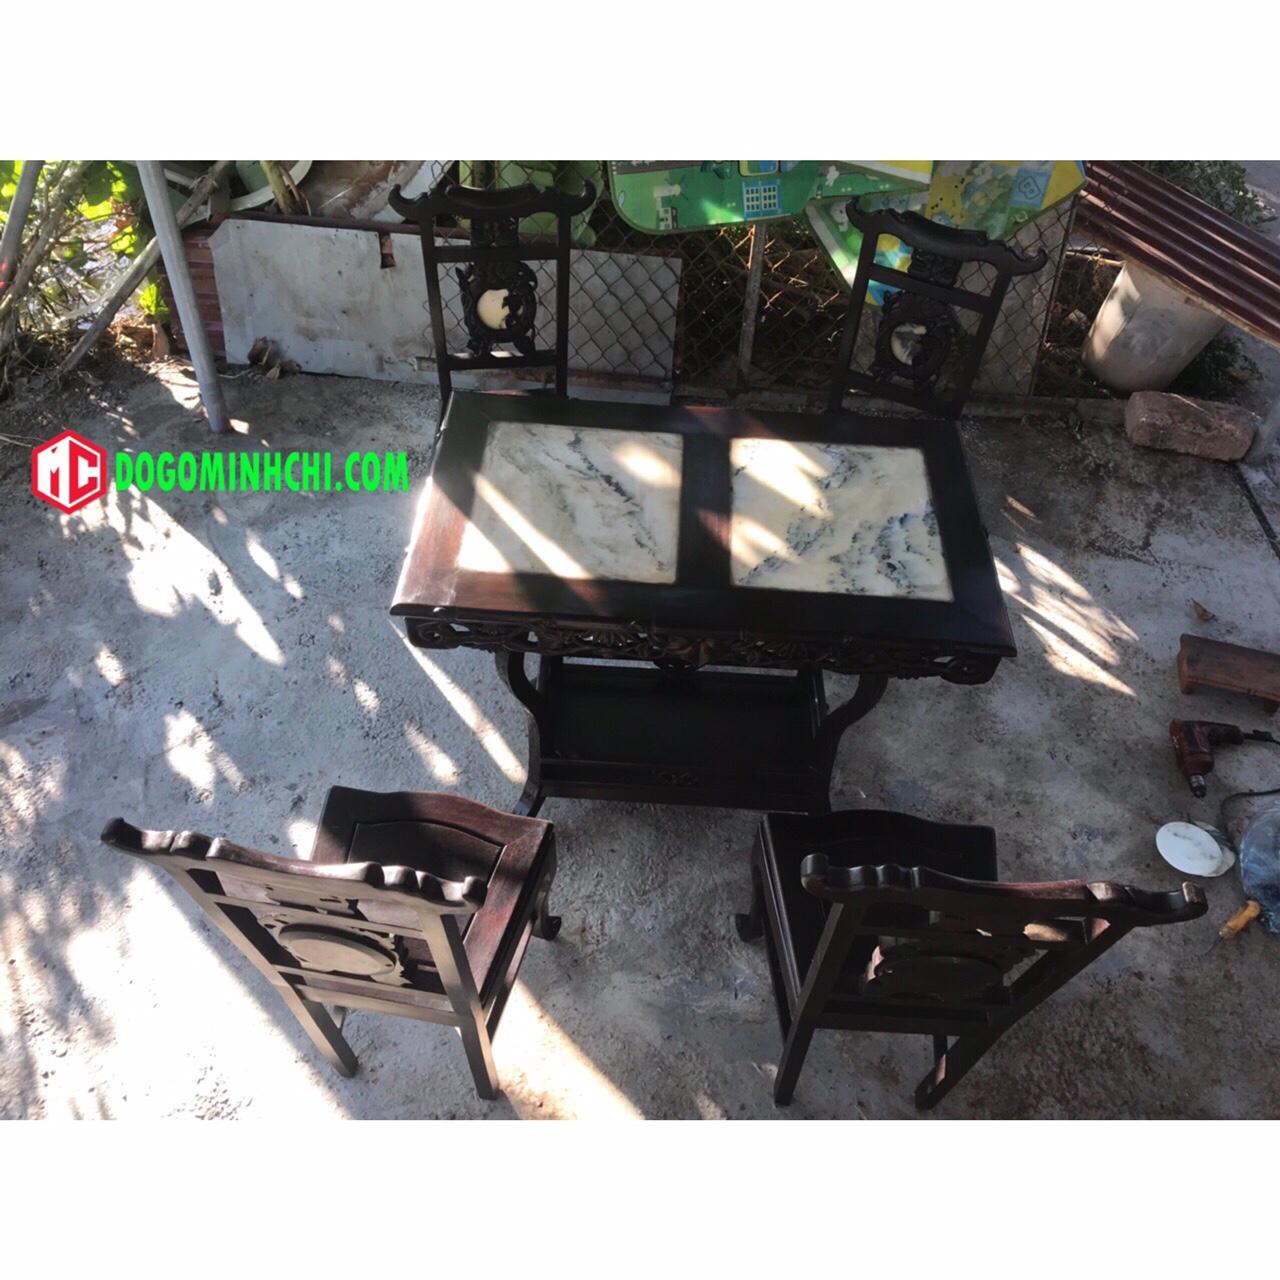 Bộ bàn ghế ăn mặt đá chạm trúc 4